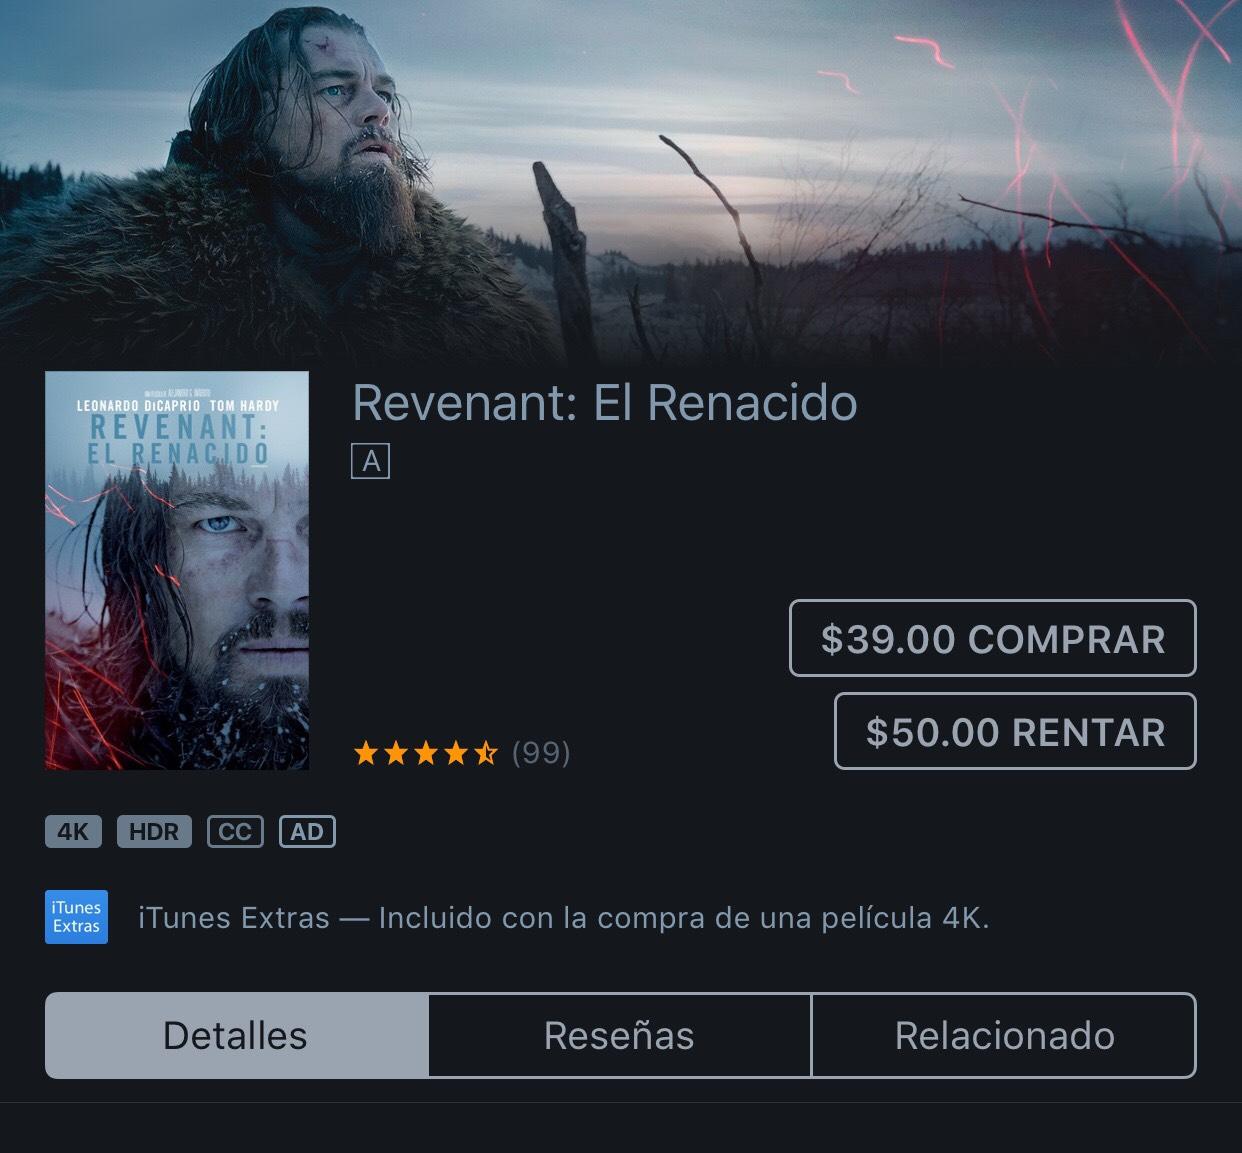 iTunes: El Renacido 4K